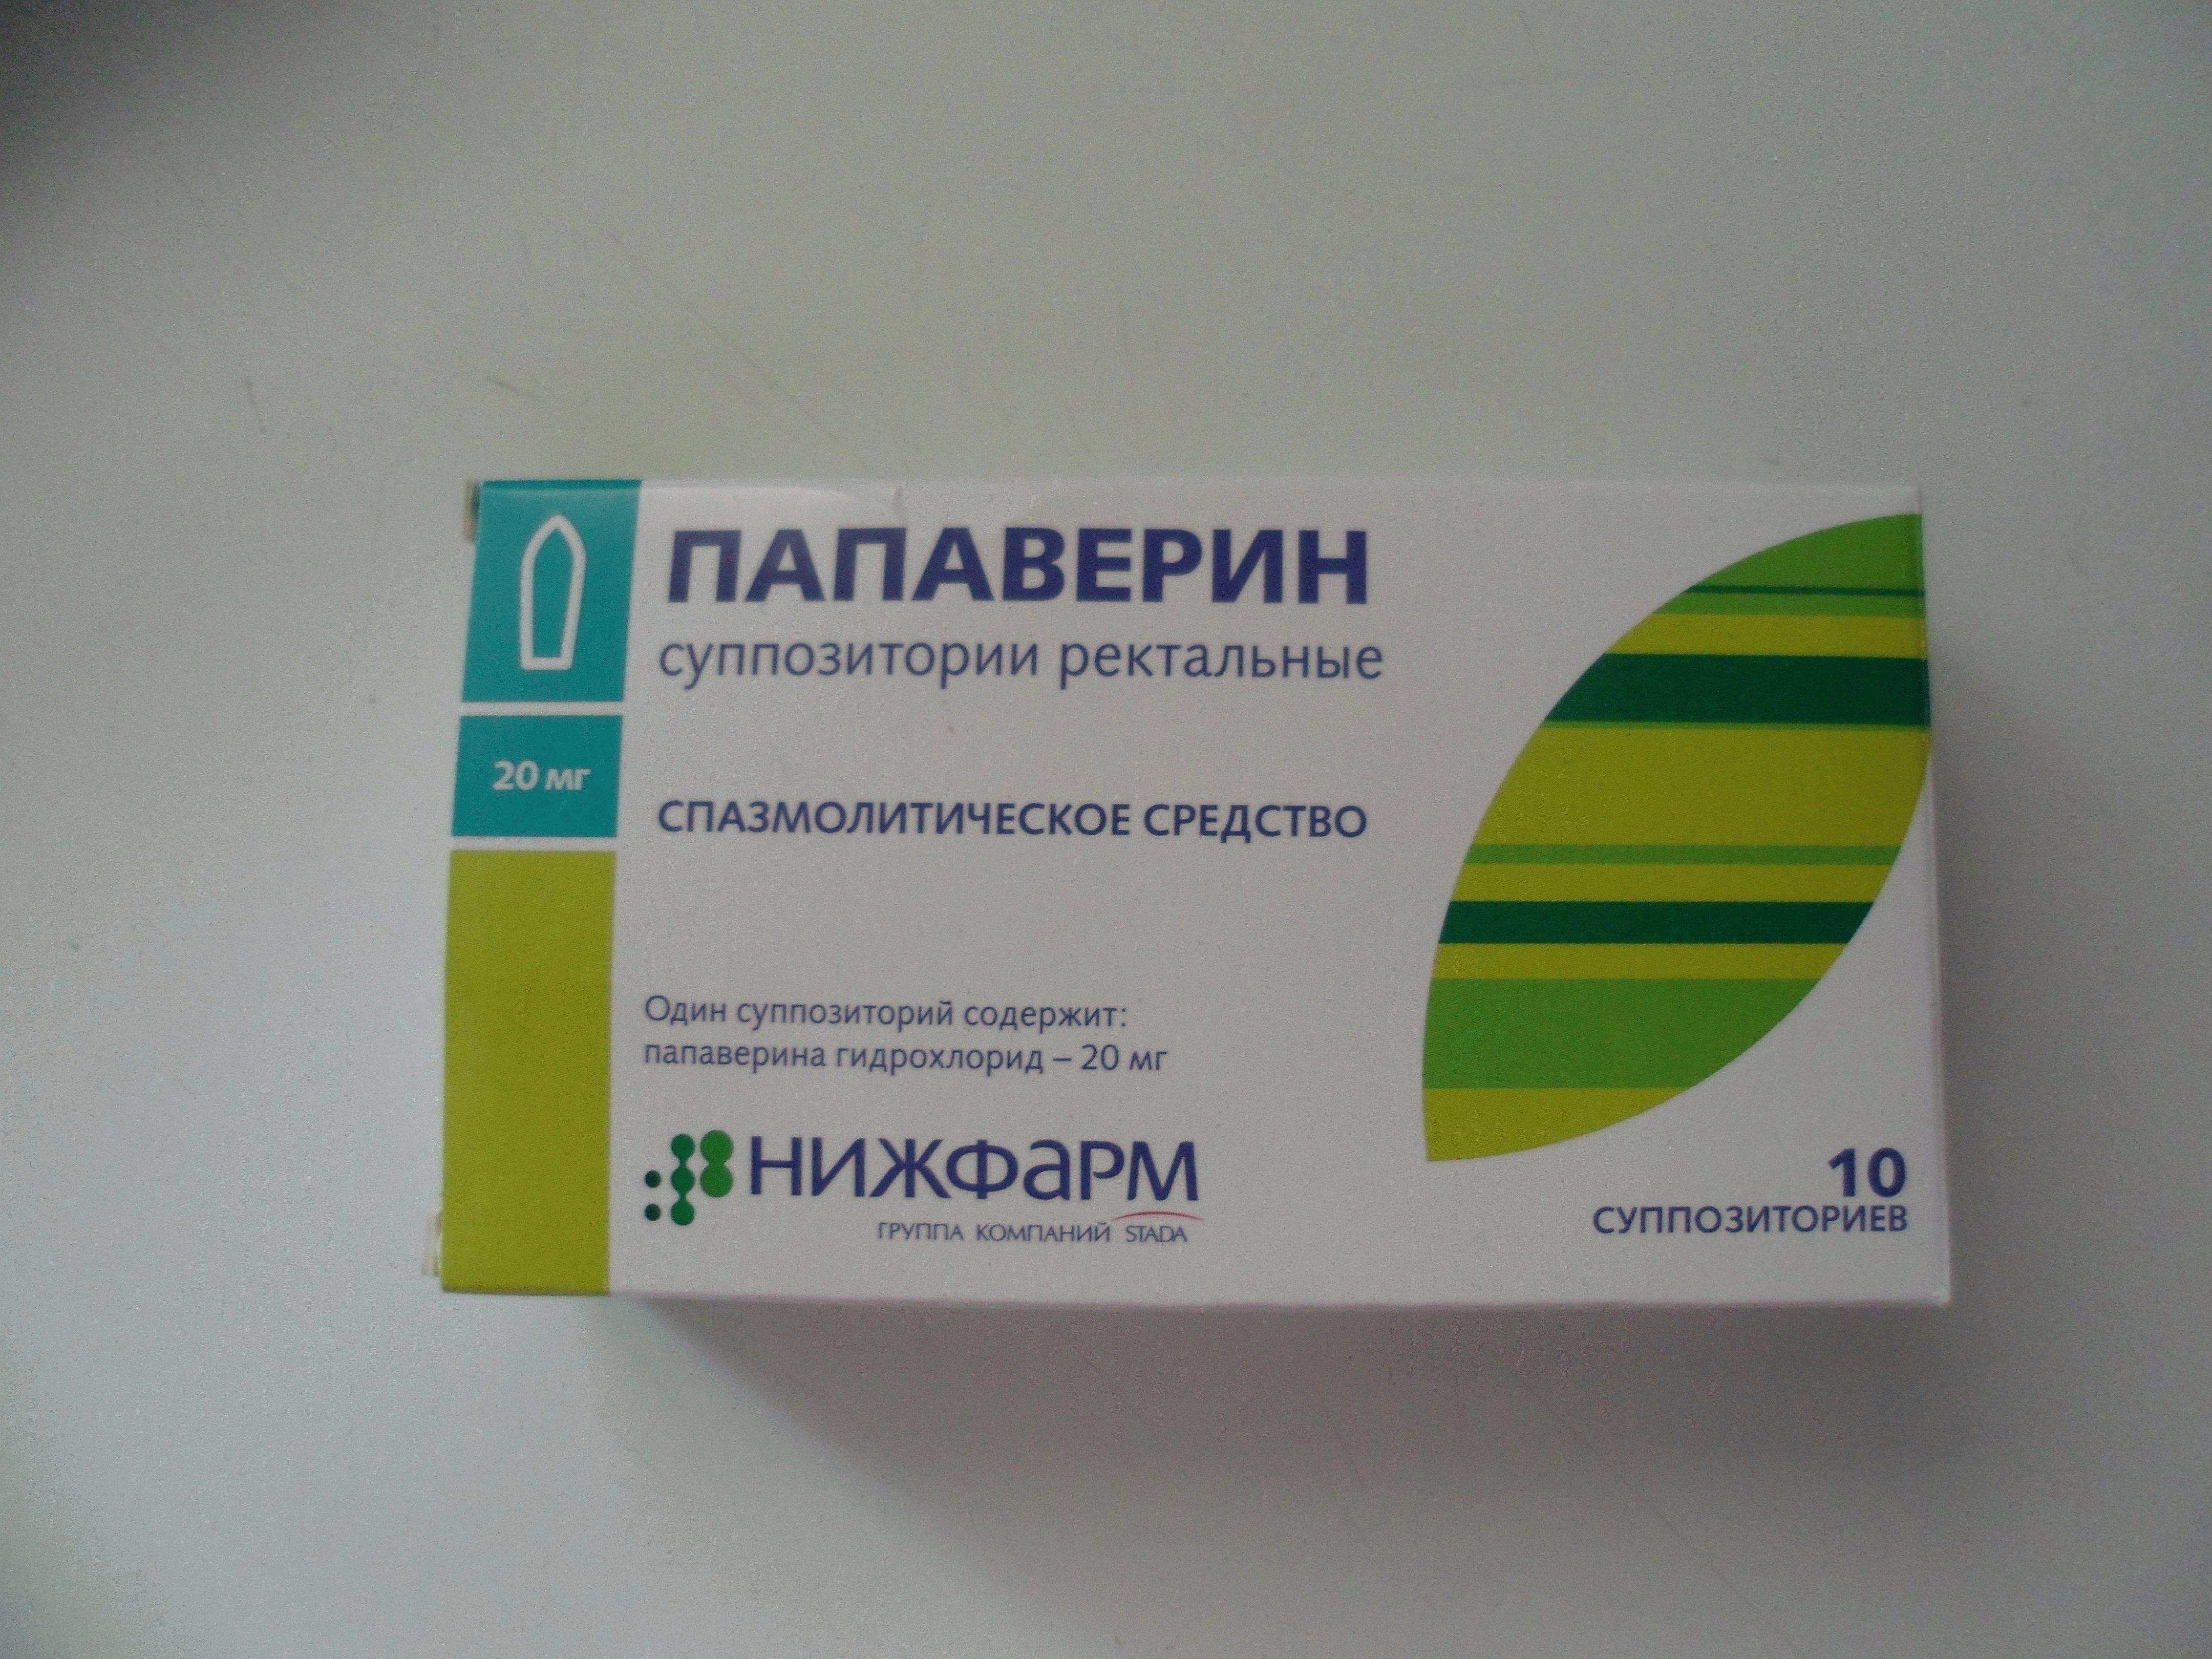 Способ применения папаверина беременным